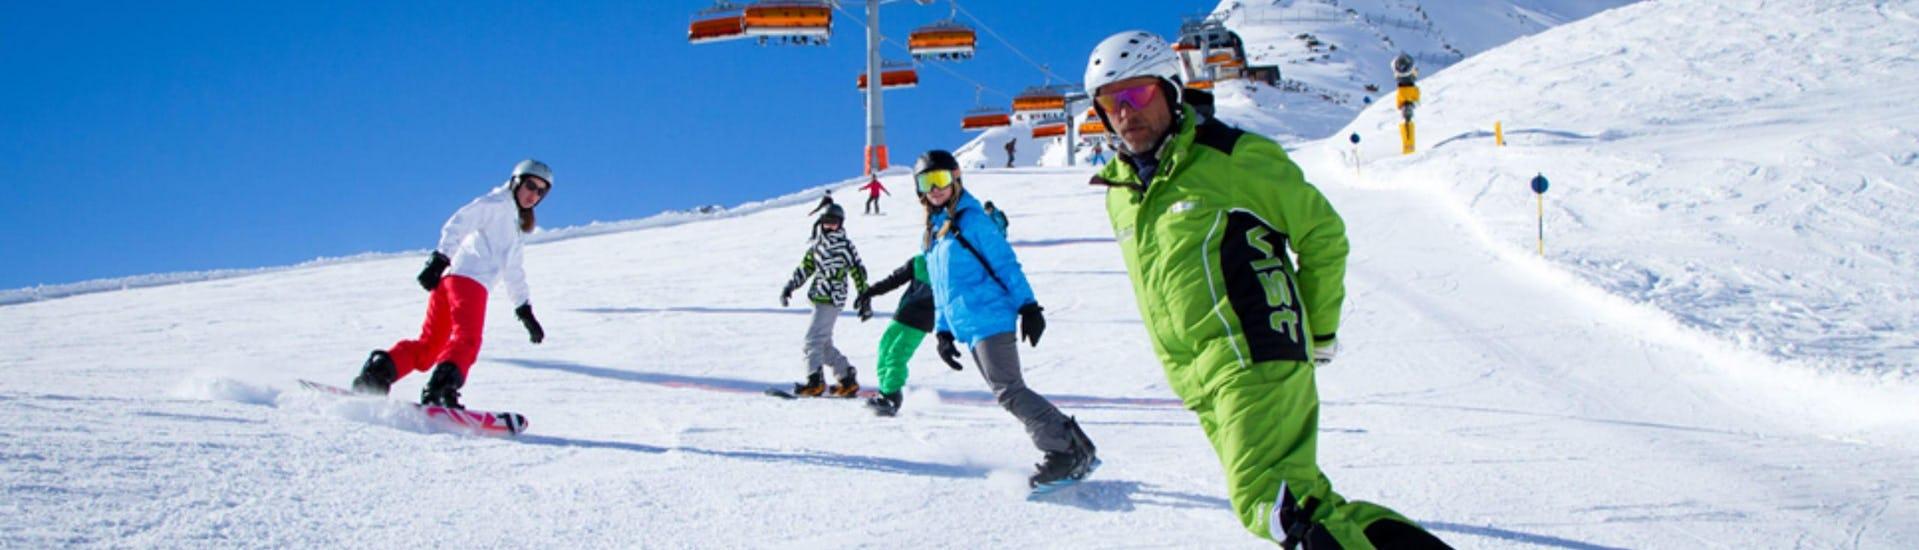 Eine Gruppe von Leuten lernt bei der von der Ski- und Bikeschule Ötztal Sölden organisierten Aktivität Privater Snowboardkurs für Kinder & Erwachsene das Snowboarden.